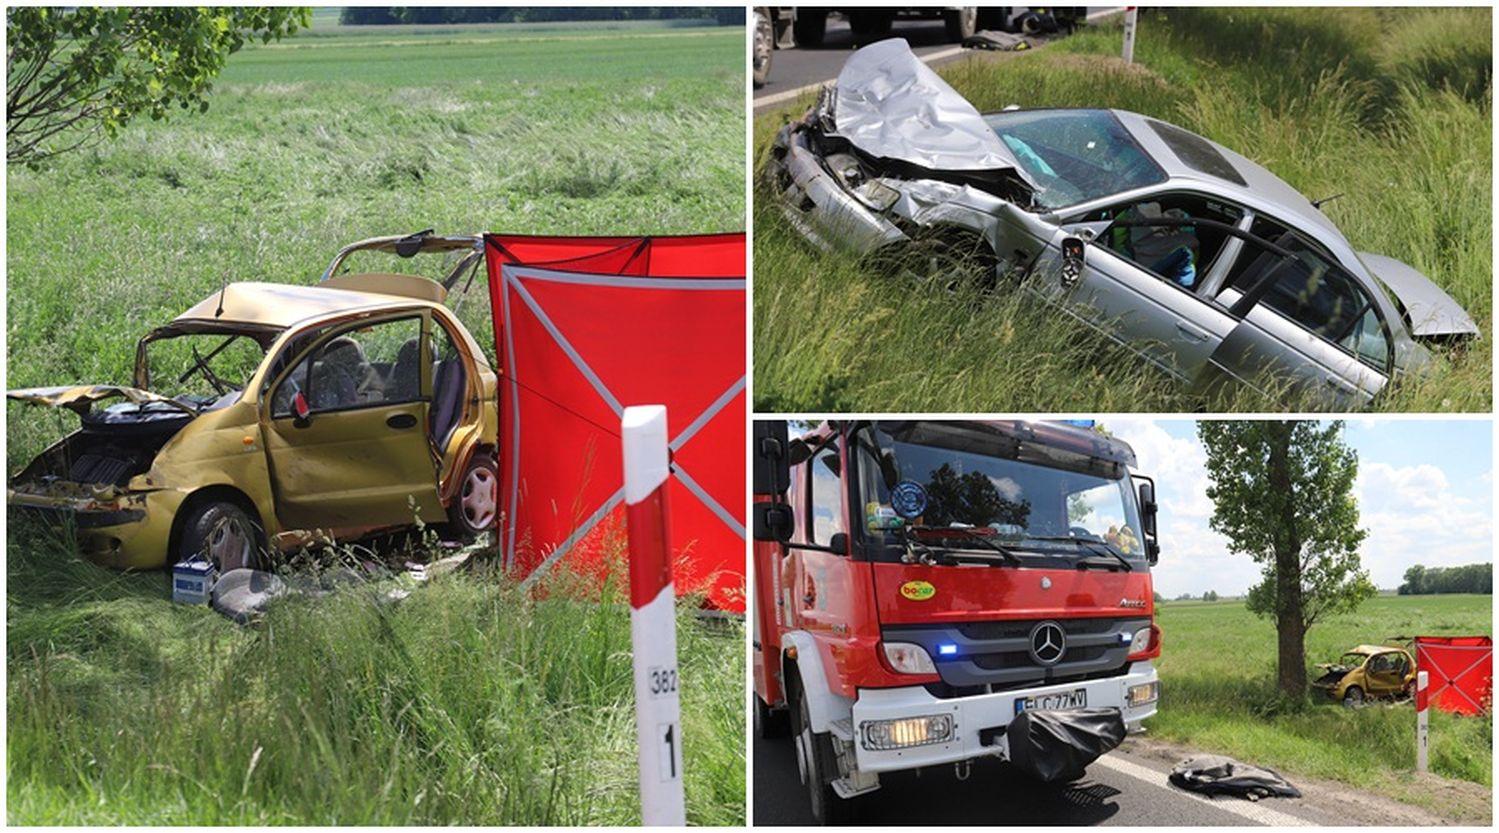 Śmierć dwóch osób. Tragiczny wypadek między Kutnem a Łowiczem [ZDJĘCIA] - Zdjęcie główne